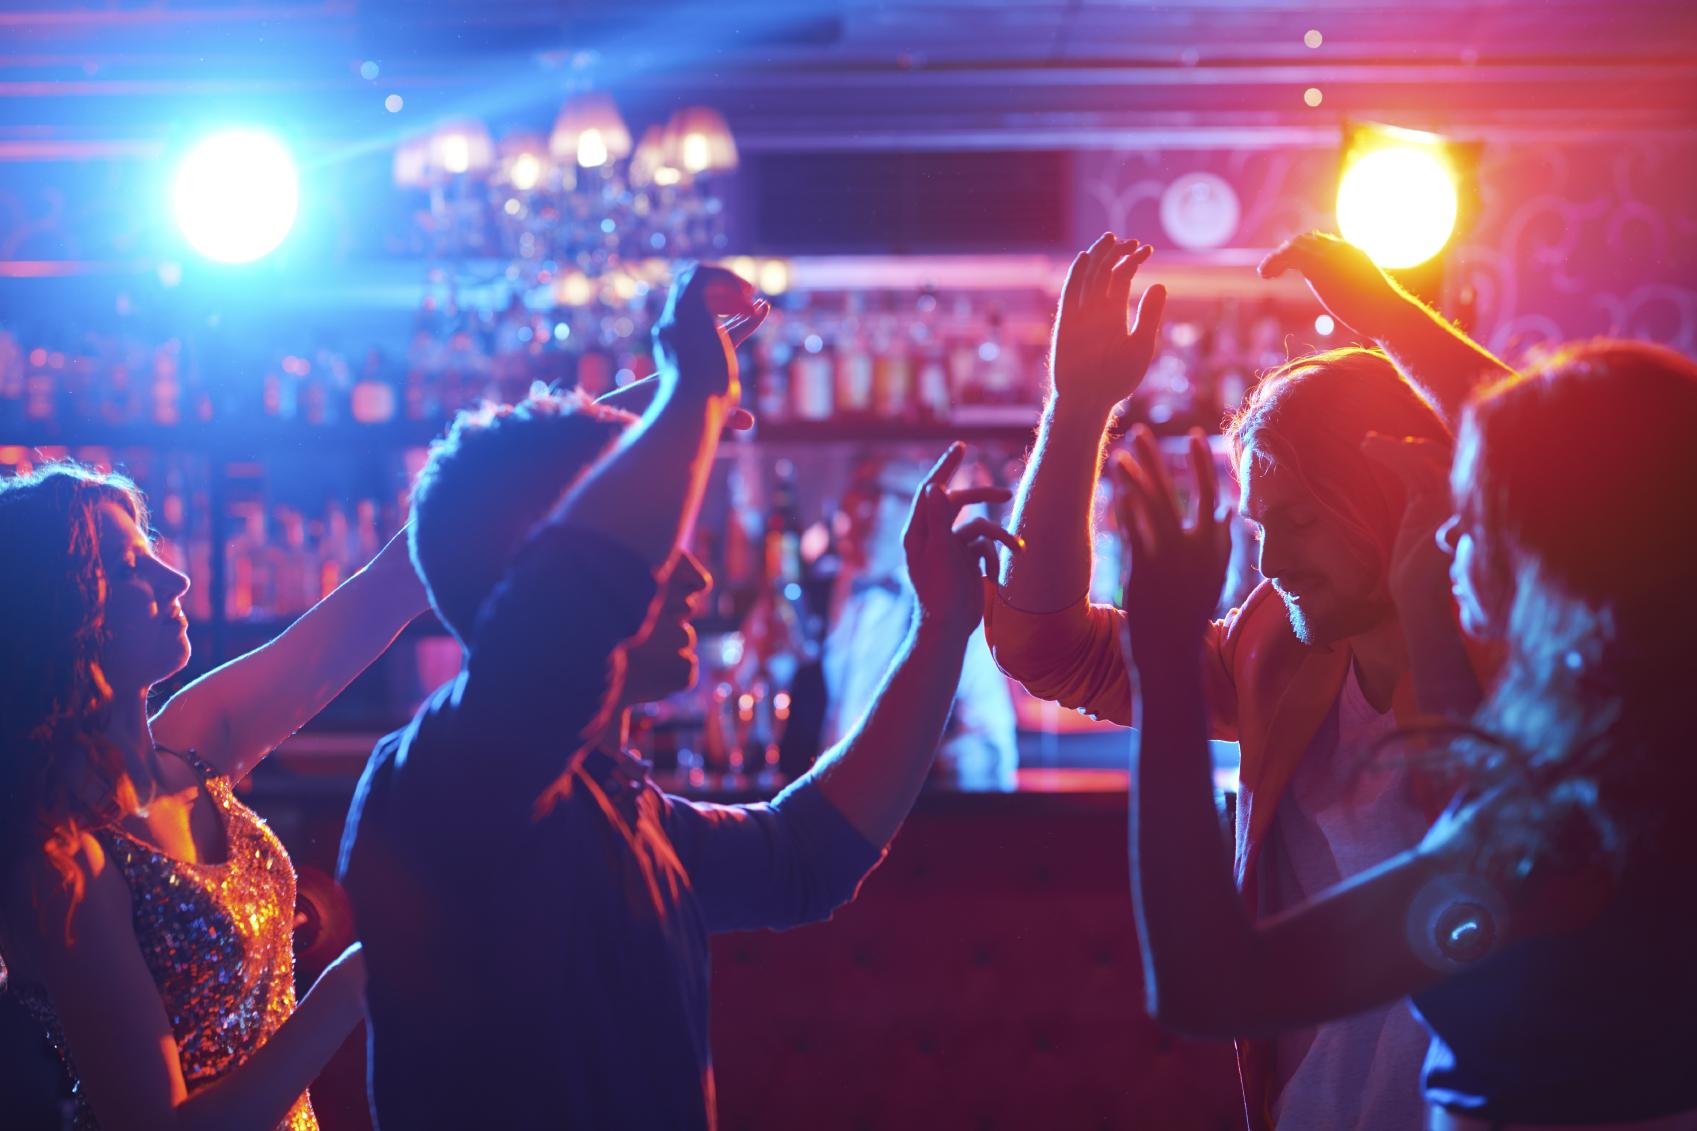 El fallo judicial fue adoptado luego de la muerte de cinco jóvenes en un evento durante una fiesta de música electrónica.